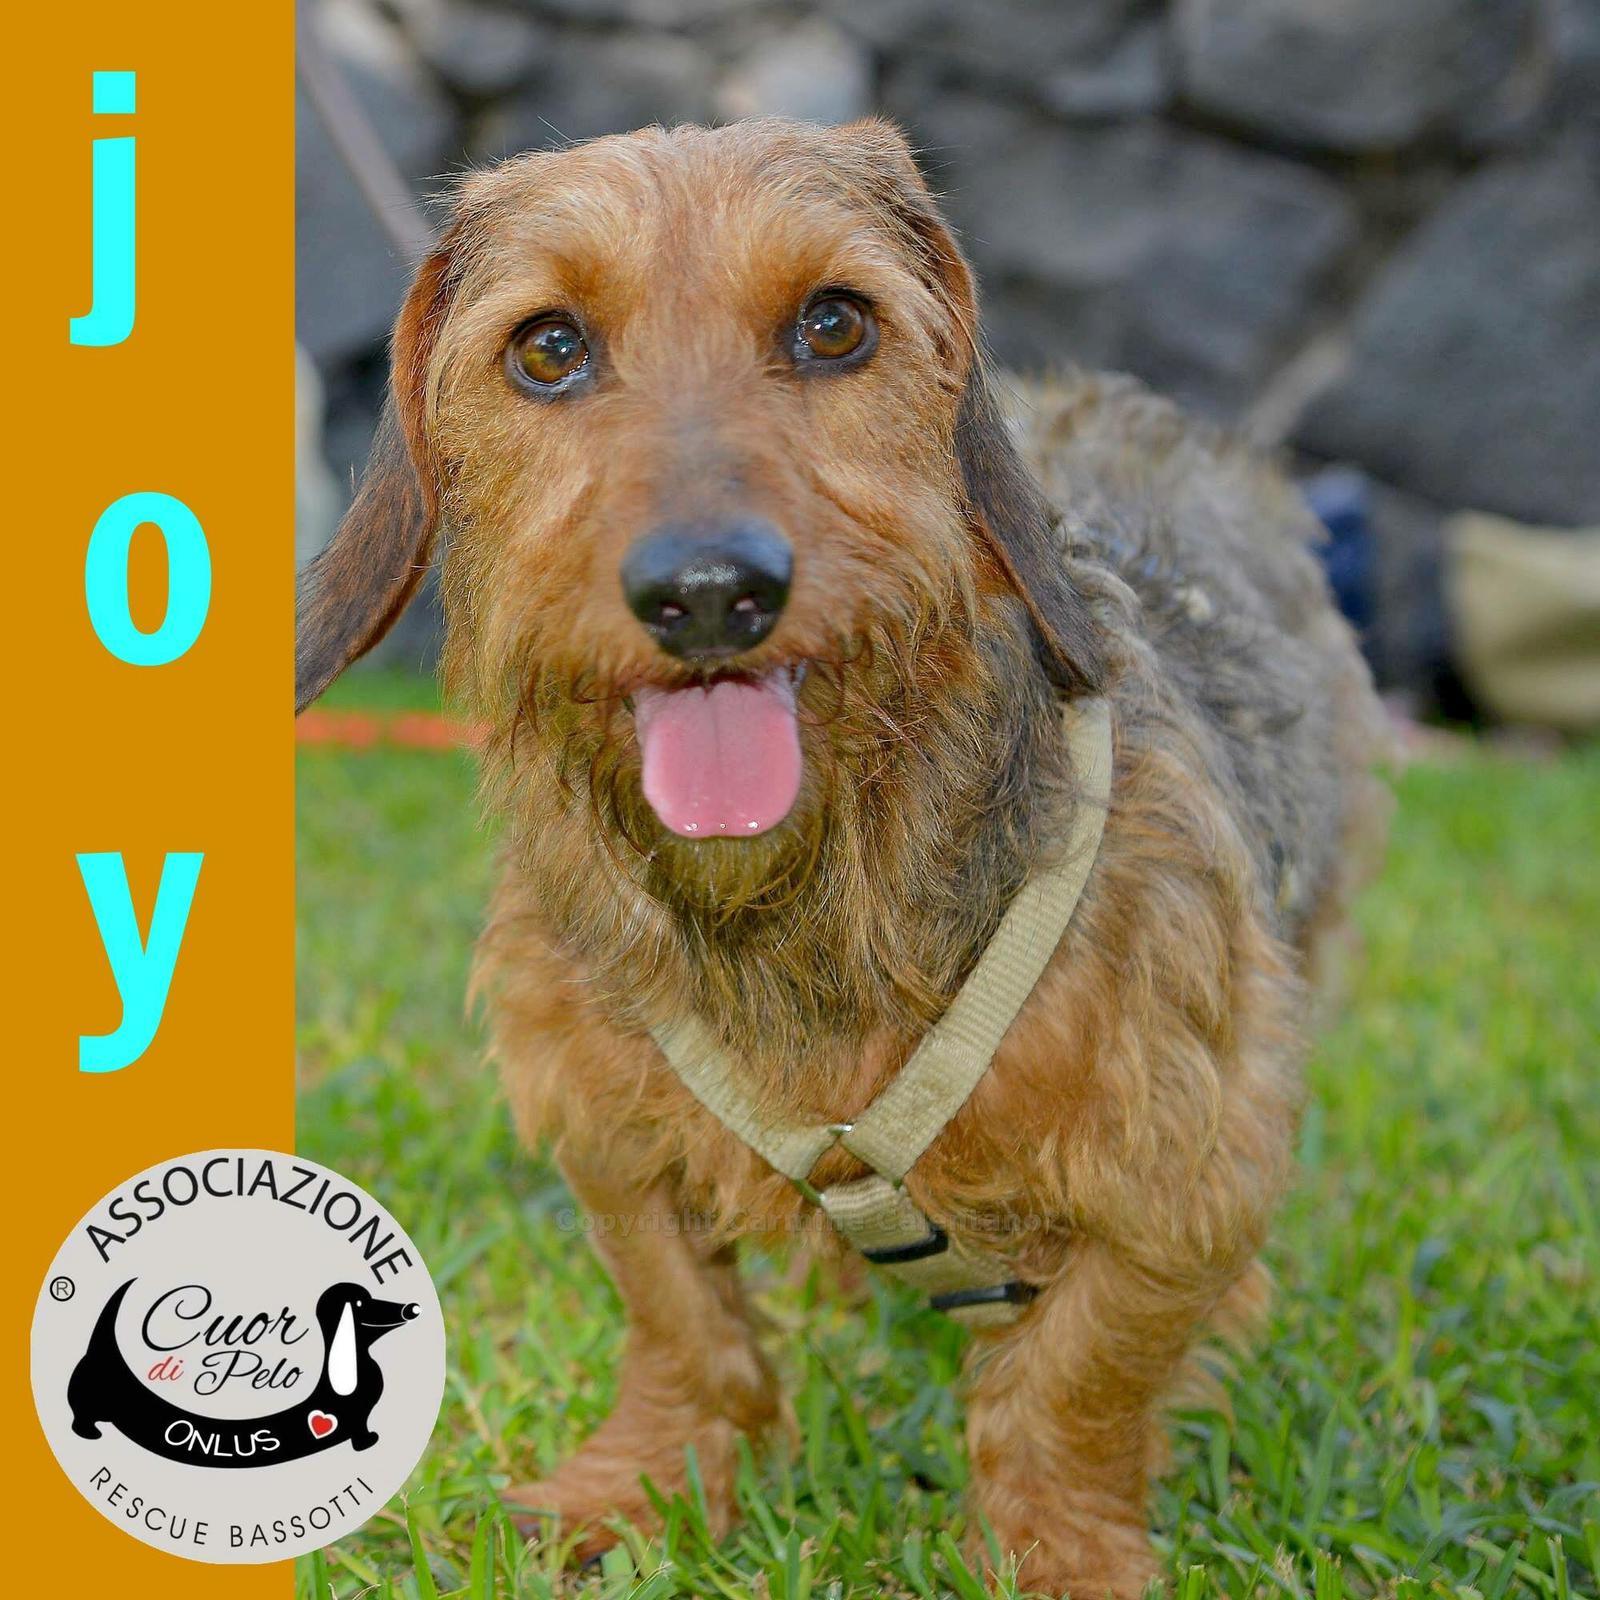 Joy cerca casa, aiutiamolo: appello per adozione